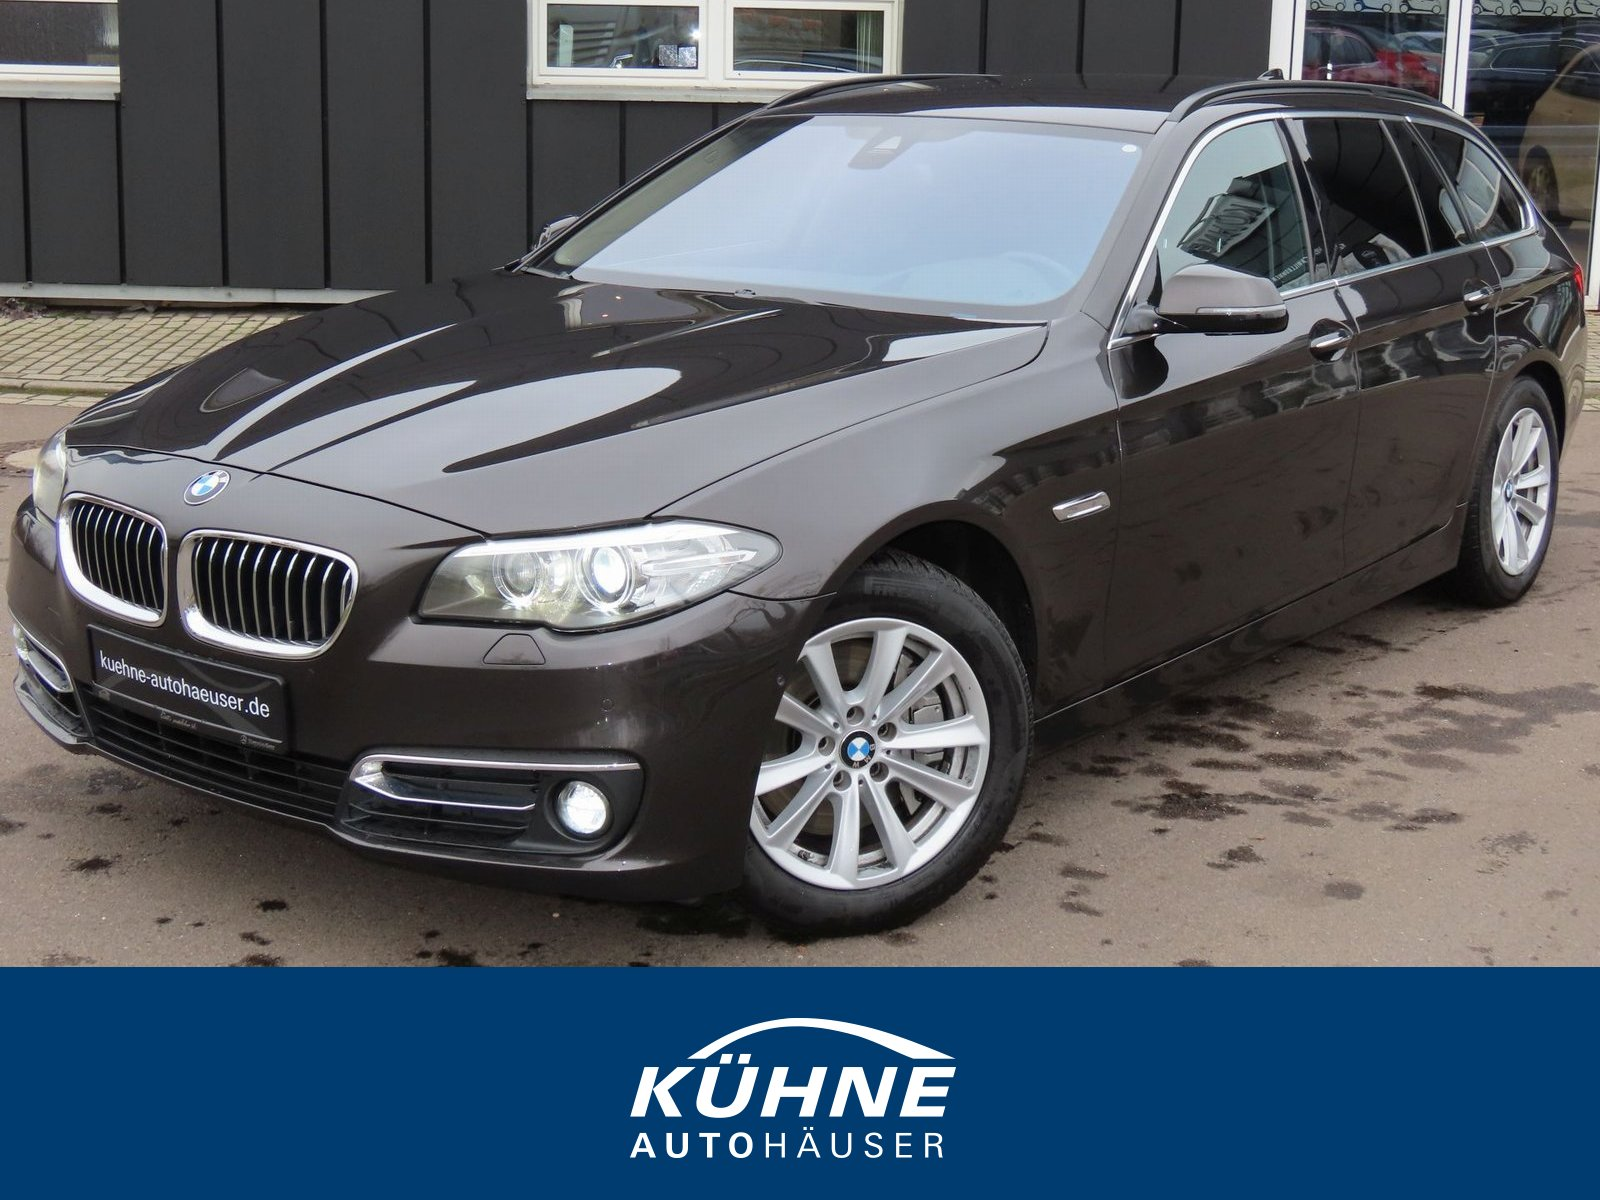 BMW 535 d Touring xDrive DPF Allrad+Head.+Kamera+AHK, Jahr 2016, Diesel